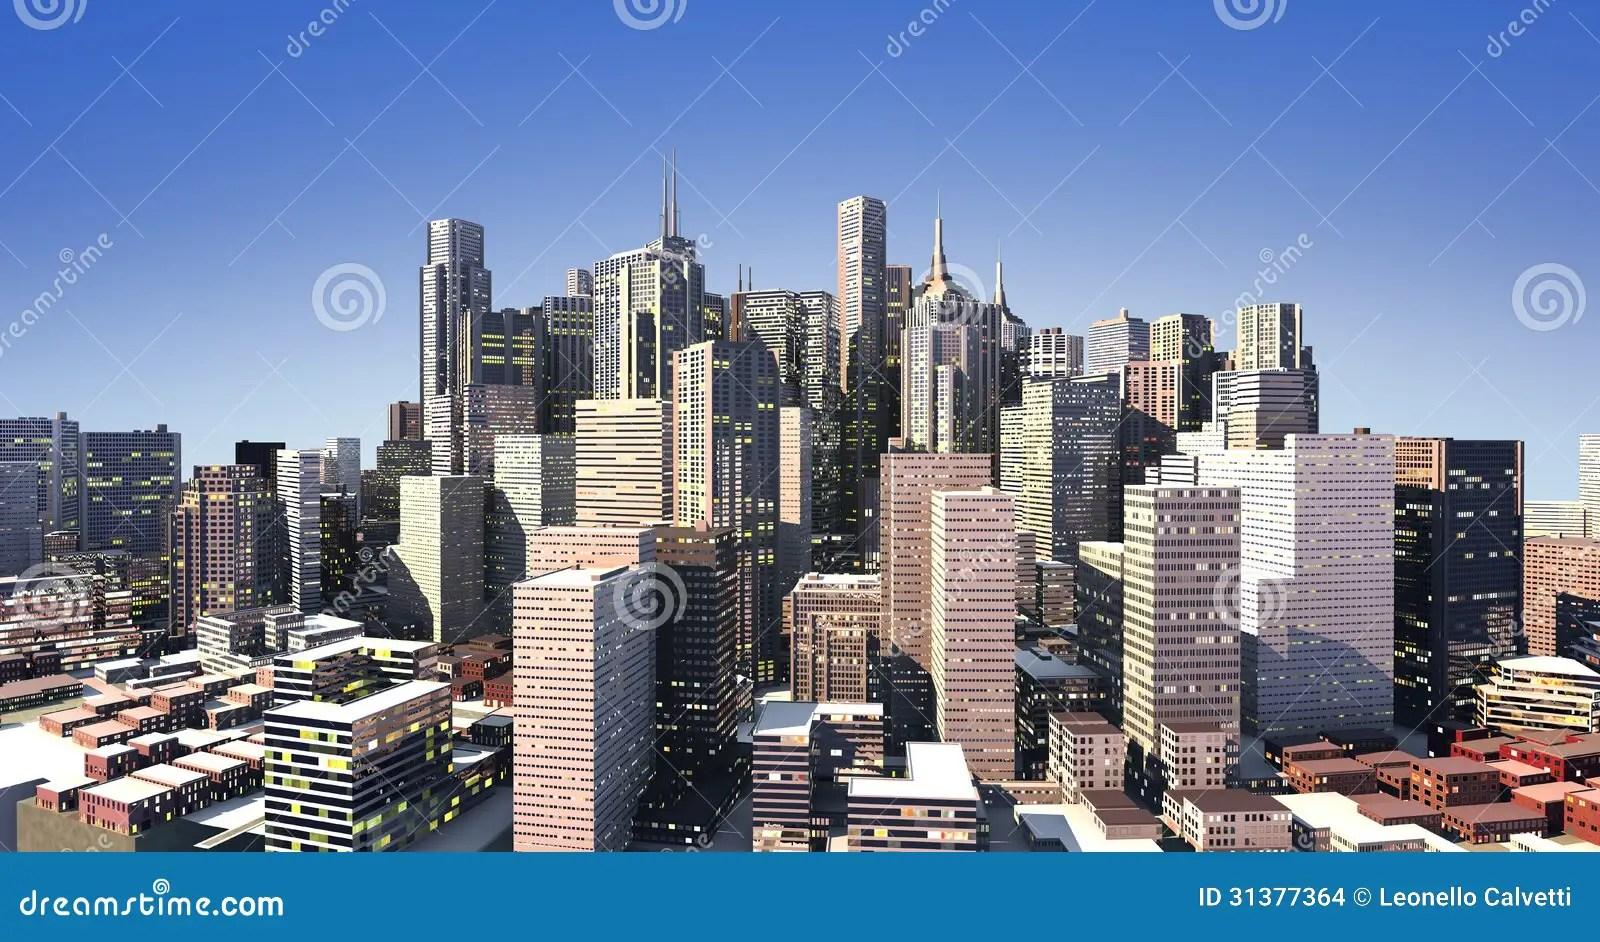 Paesaggio Urbano Moderno Nella Luce Del Giorno Con Le Luci Artificiali Illustrazione di Stock